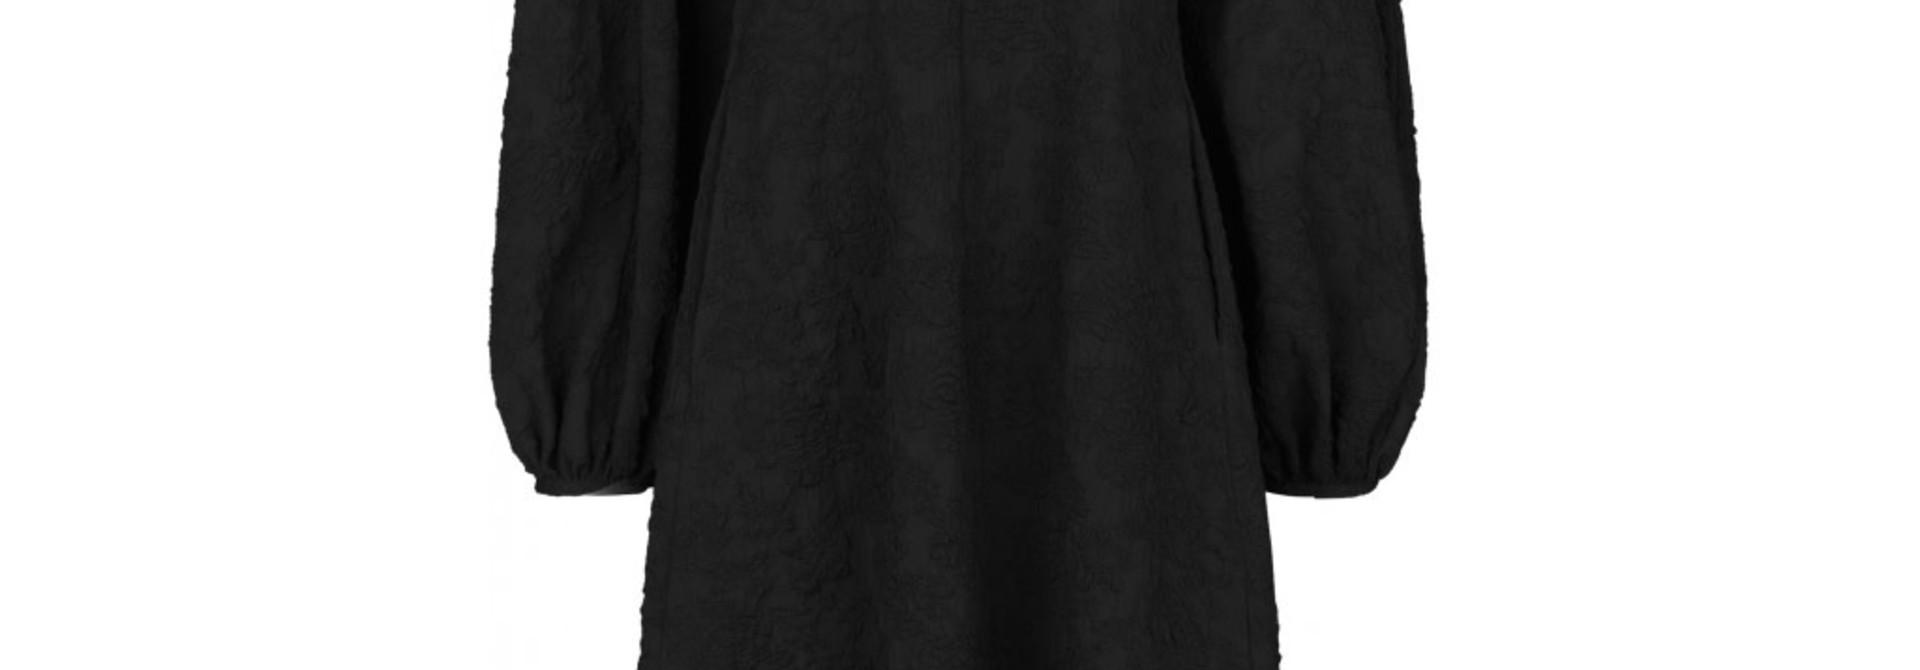 Rosen  stretch black